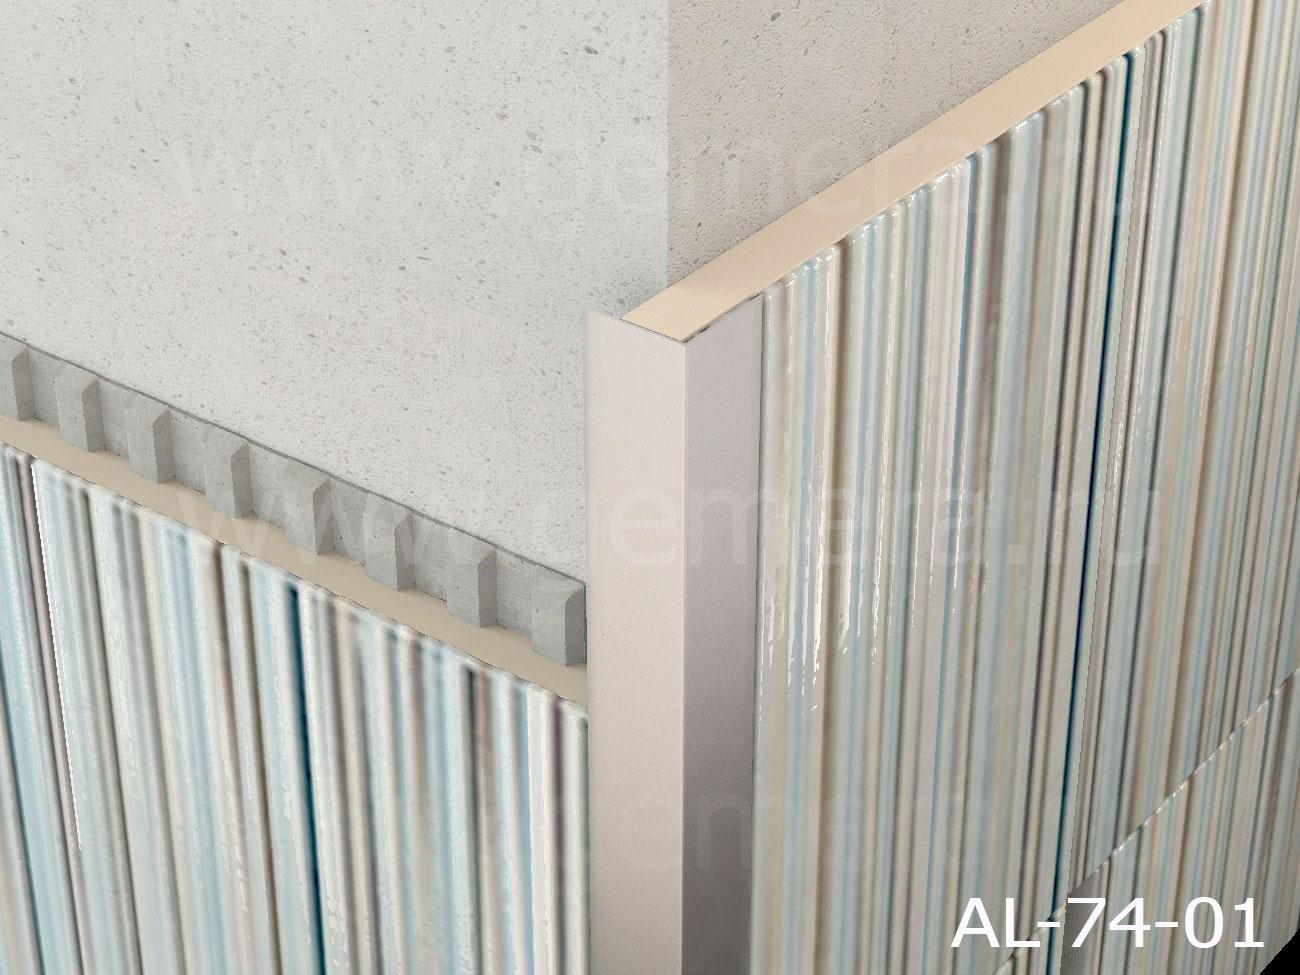 Уголок алюминиевый защитный Butun AL-74-01